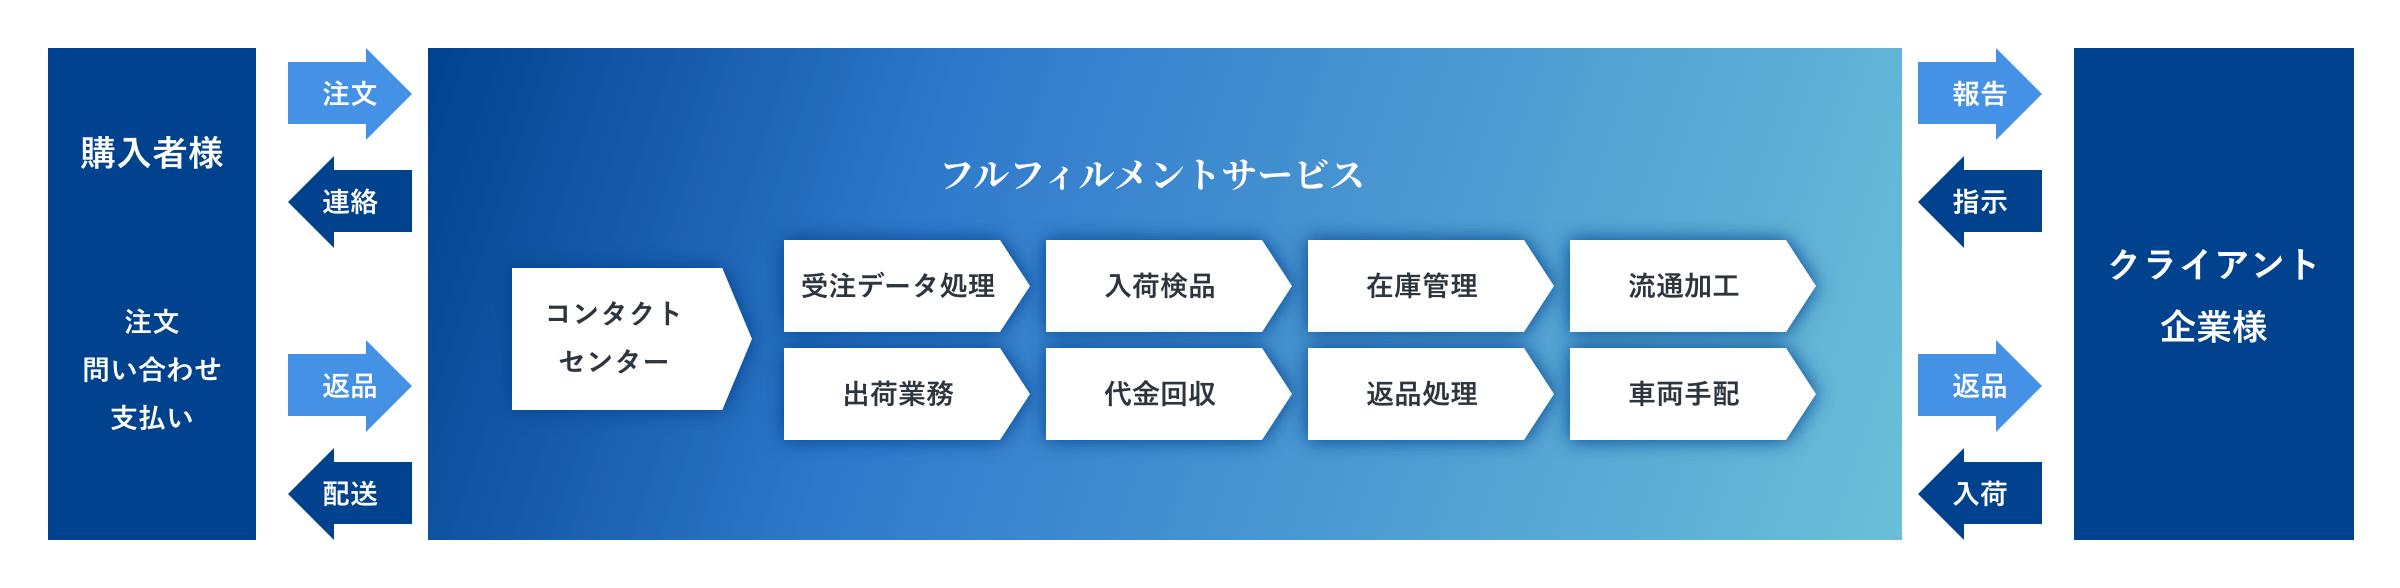 フルフィルメントサービスの対応可能領域